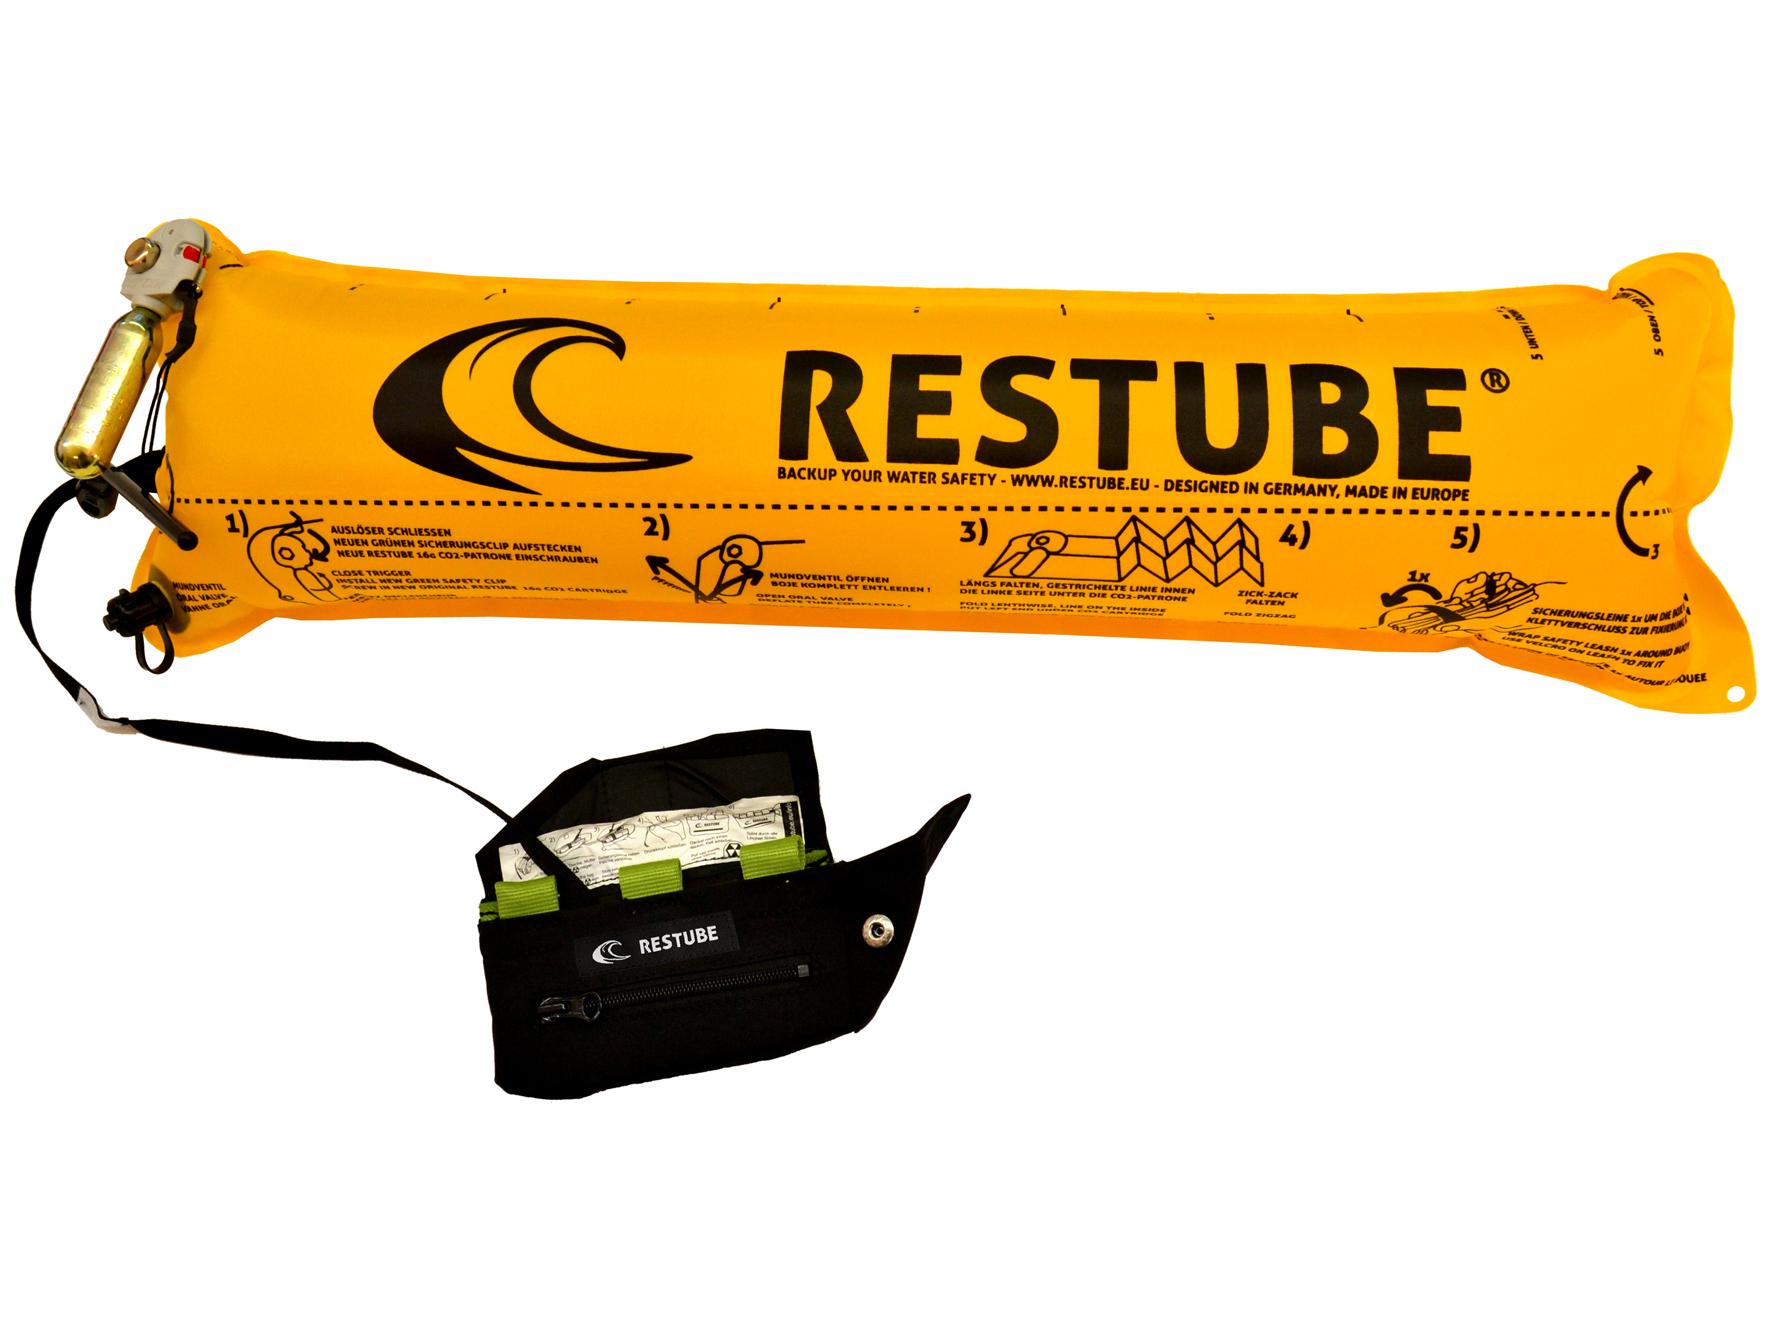 Um das Schwimmen im Freiwasser und den Wassersport sicherer zu machen, hat RESTUBE einen Airbag entwickelt, der ähnlich einer aufblasbaren Rettungsweste funktioniert, aber klein und handlich an der Hüfte getragen werden kann. Zieht man den Auslöser, bläst sich der Schwimmkörper mittels CO2-Patrone innerhalb von Sekunden auf und verwandelt sich in eine auftriebsstarke Boje im offenen Gewässer – beim Schwimmen, Surfen oder Kanufahren.